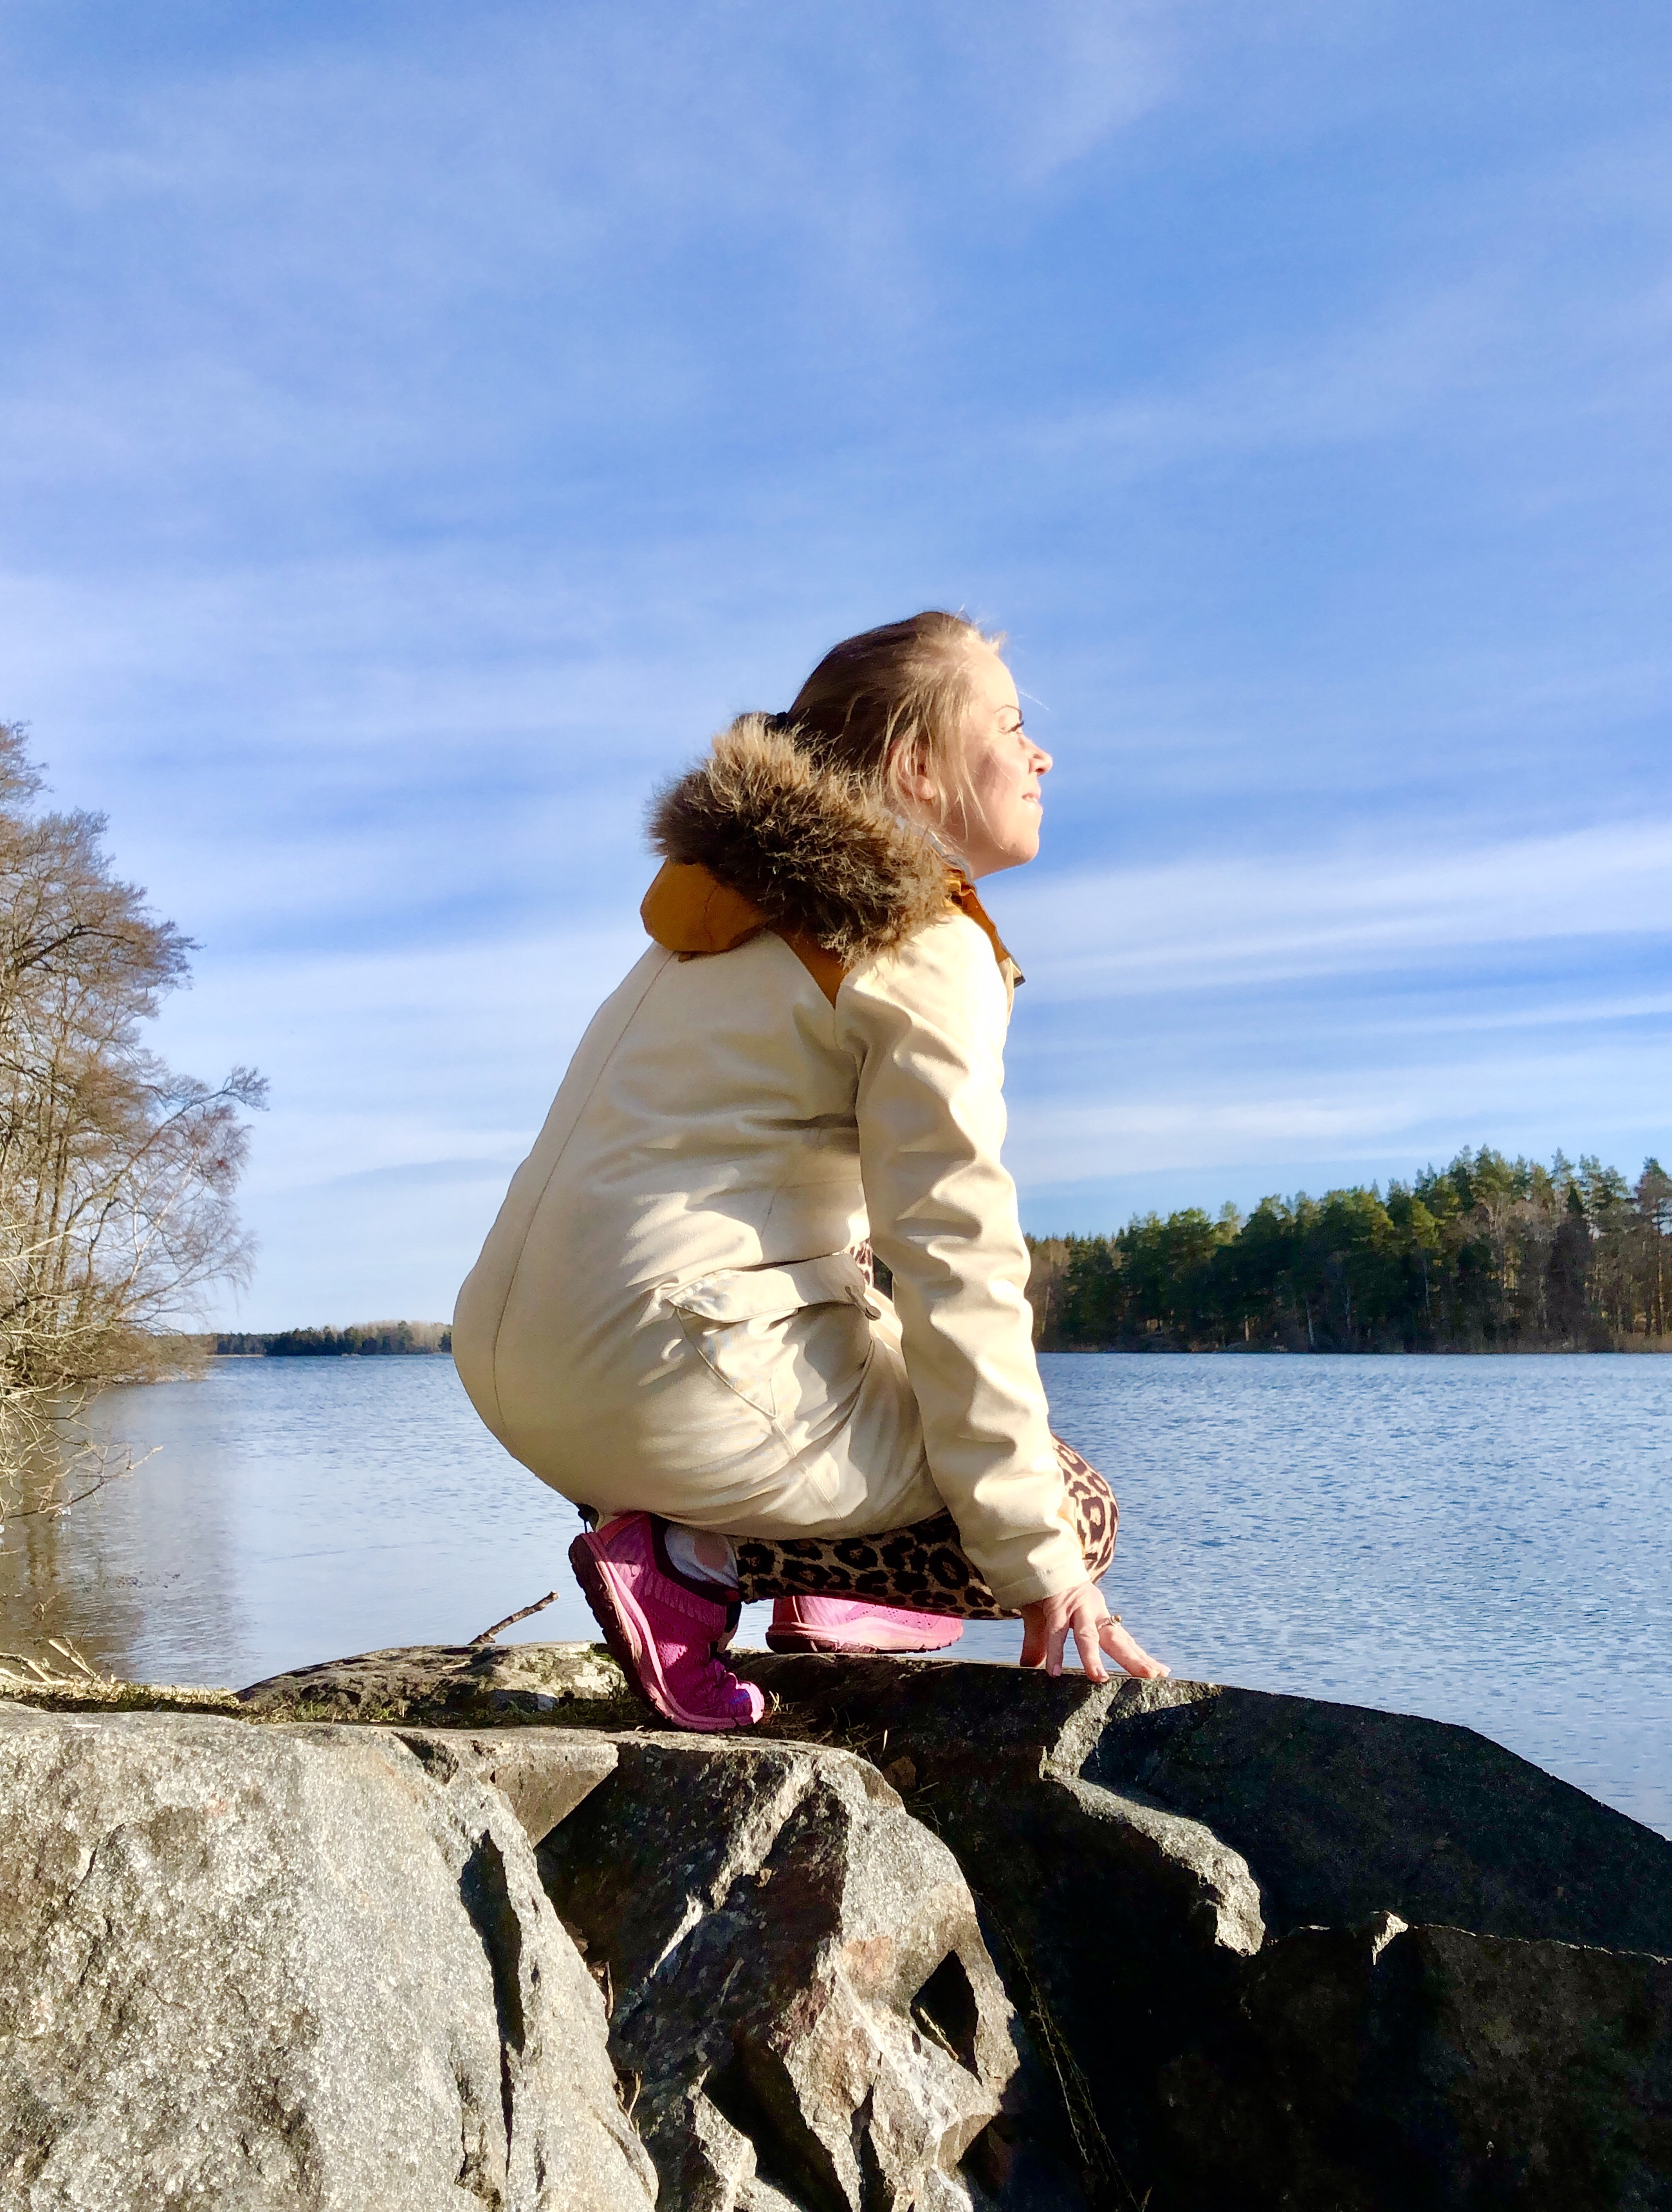 Vår vackra natur som består - nere vid sjön